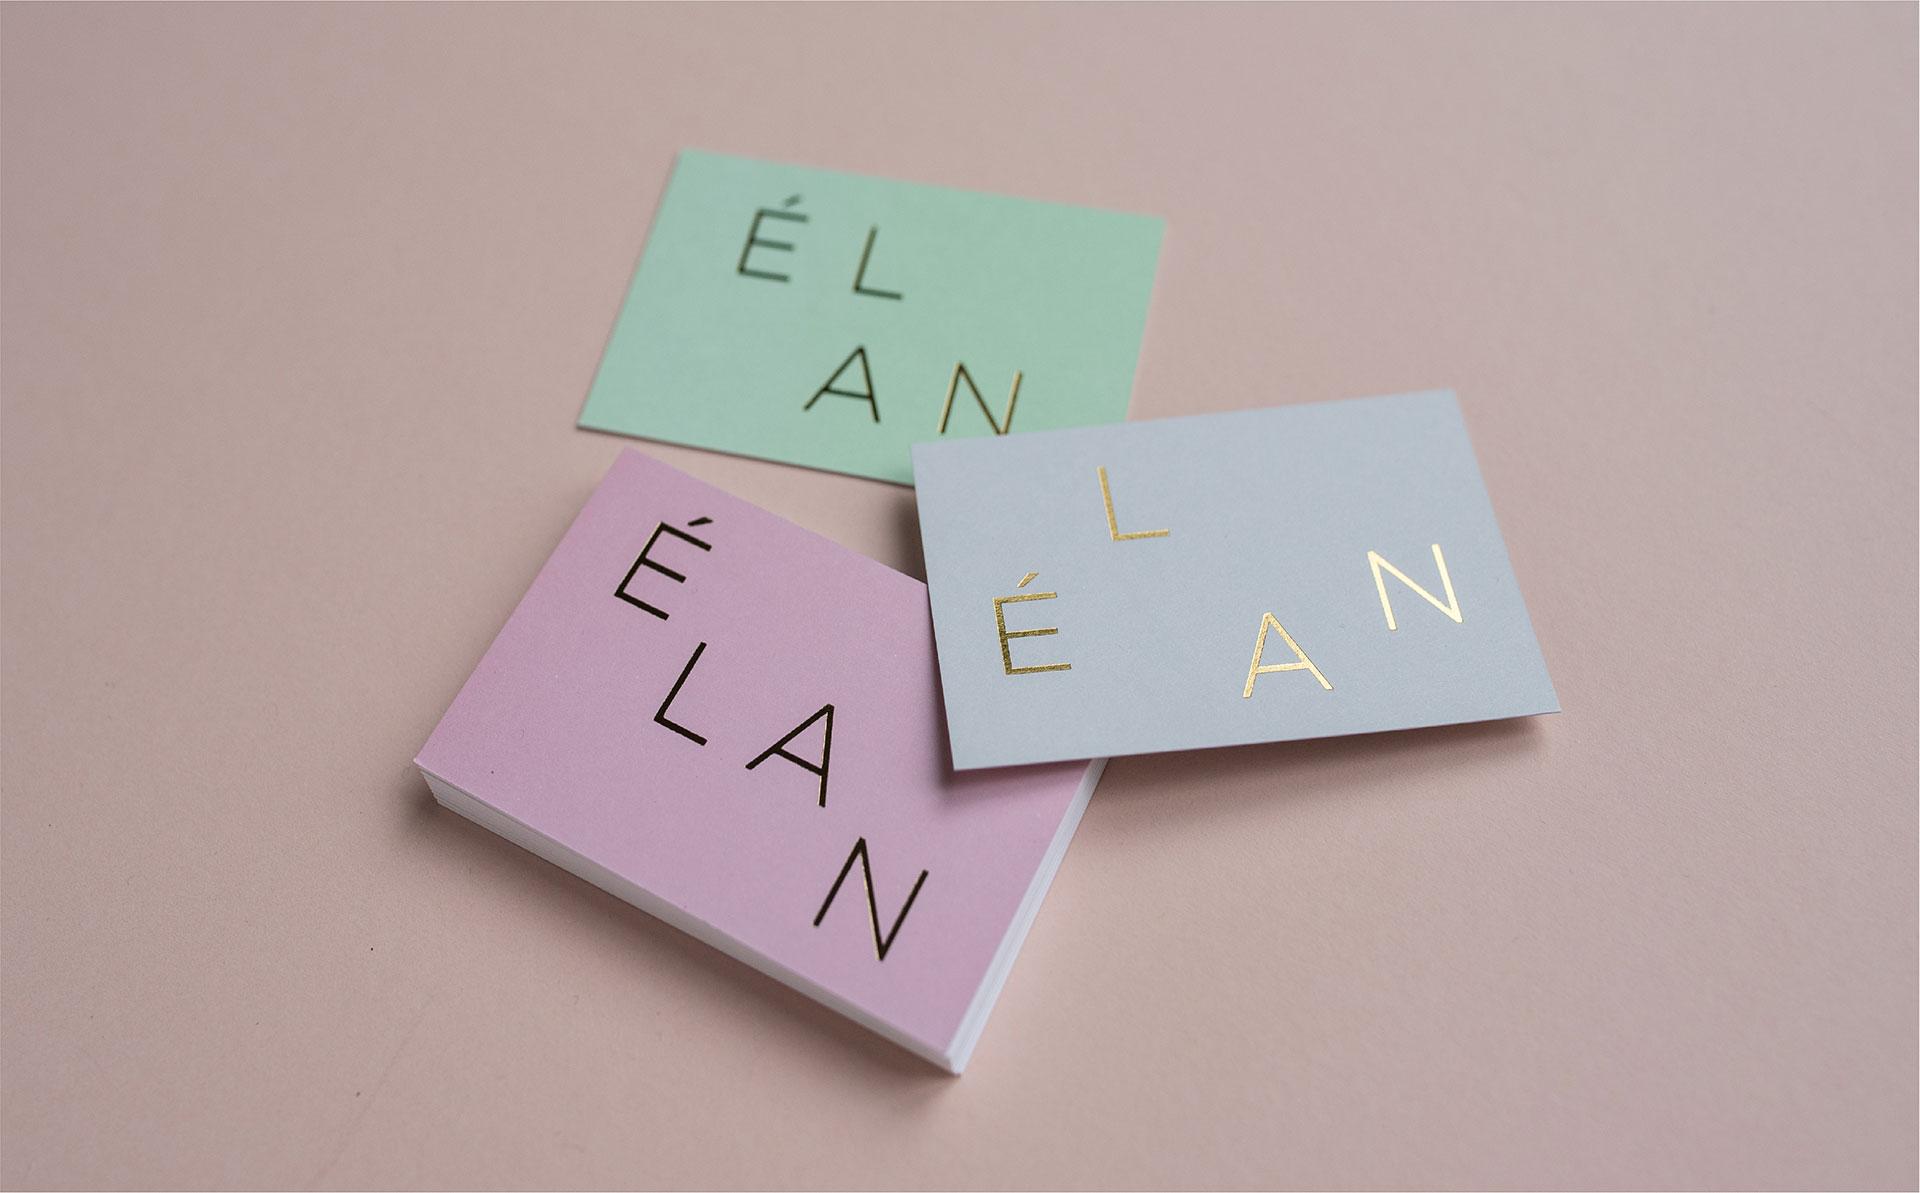 ELAN-Artboard-62-